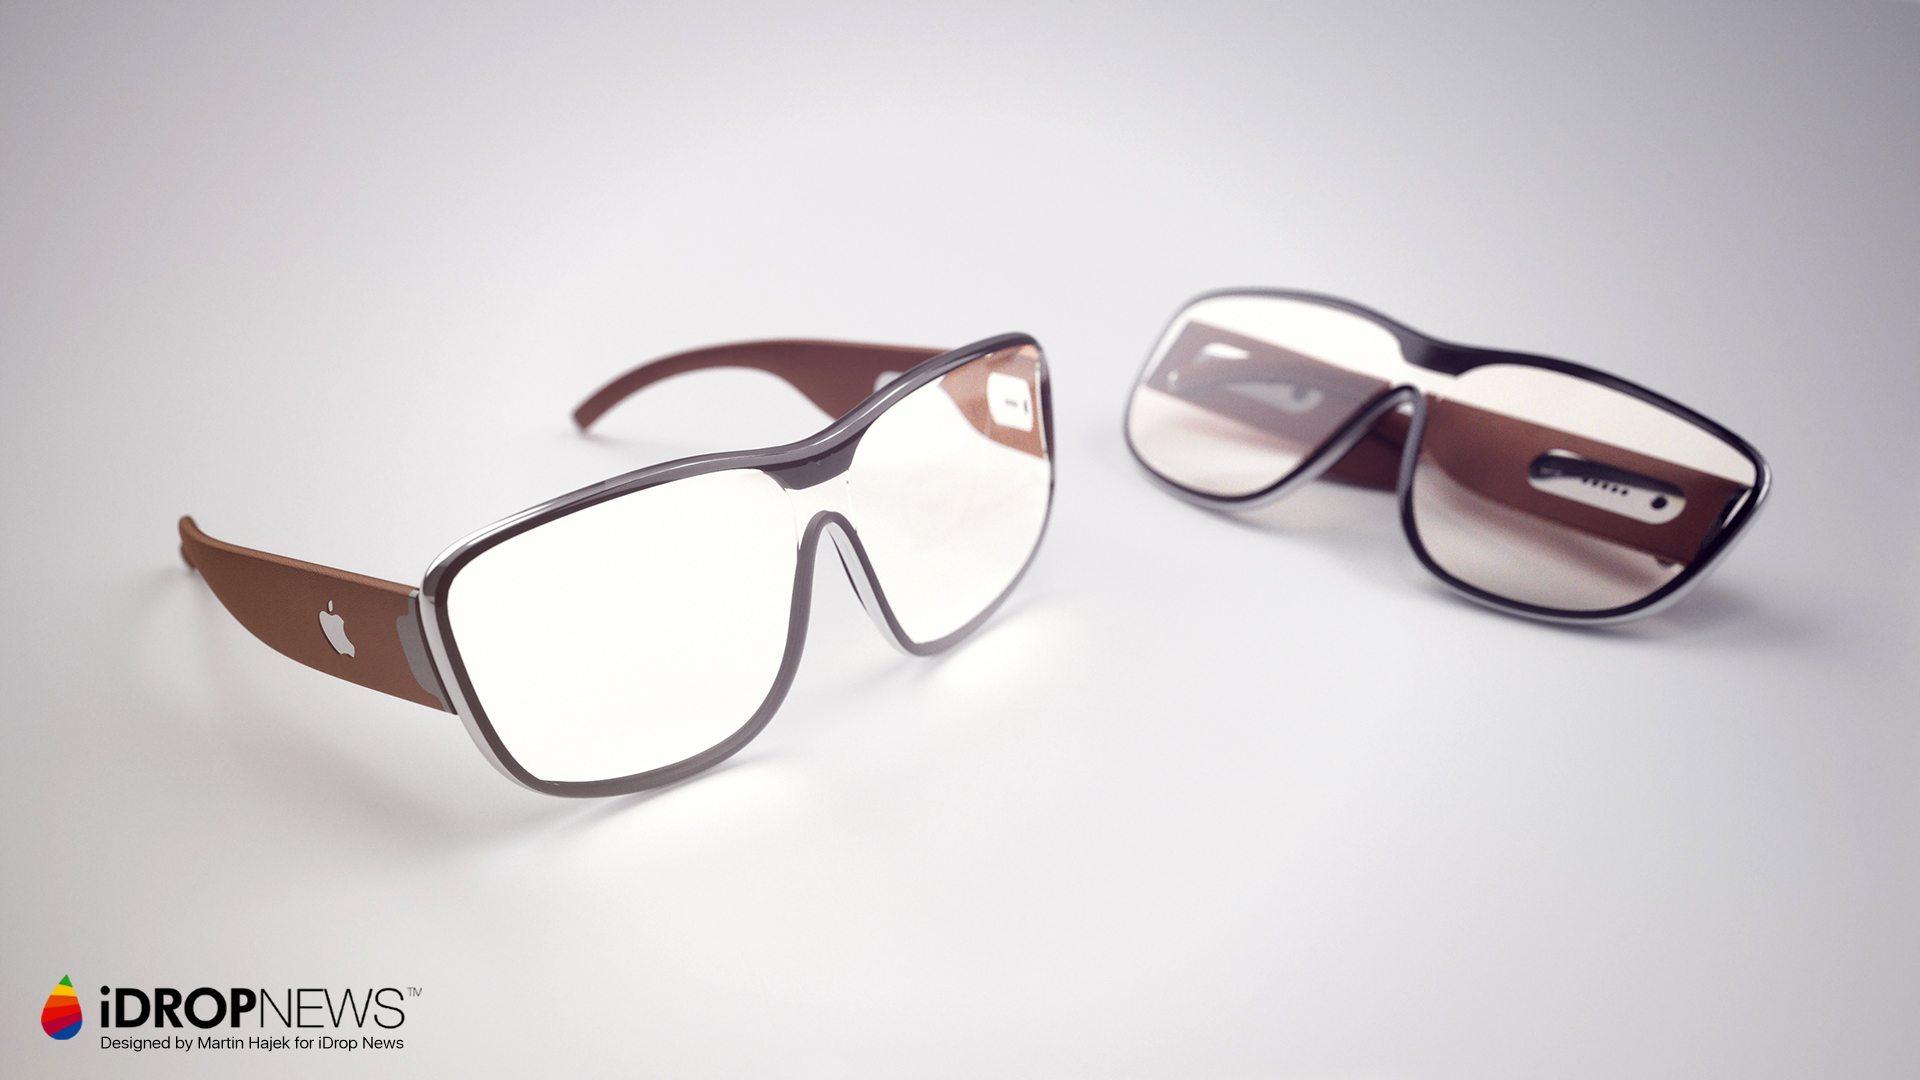 Apple-Glass-AR-Glasses-iDrop-News-x-Martin-Hajek-1jpg